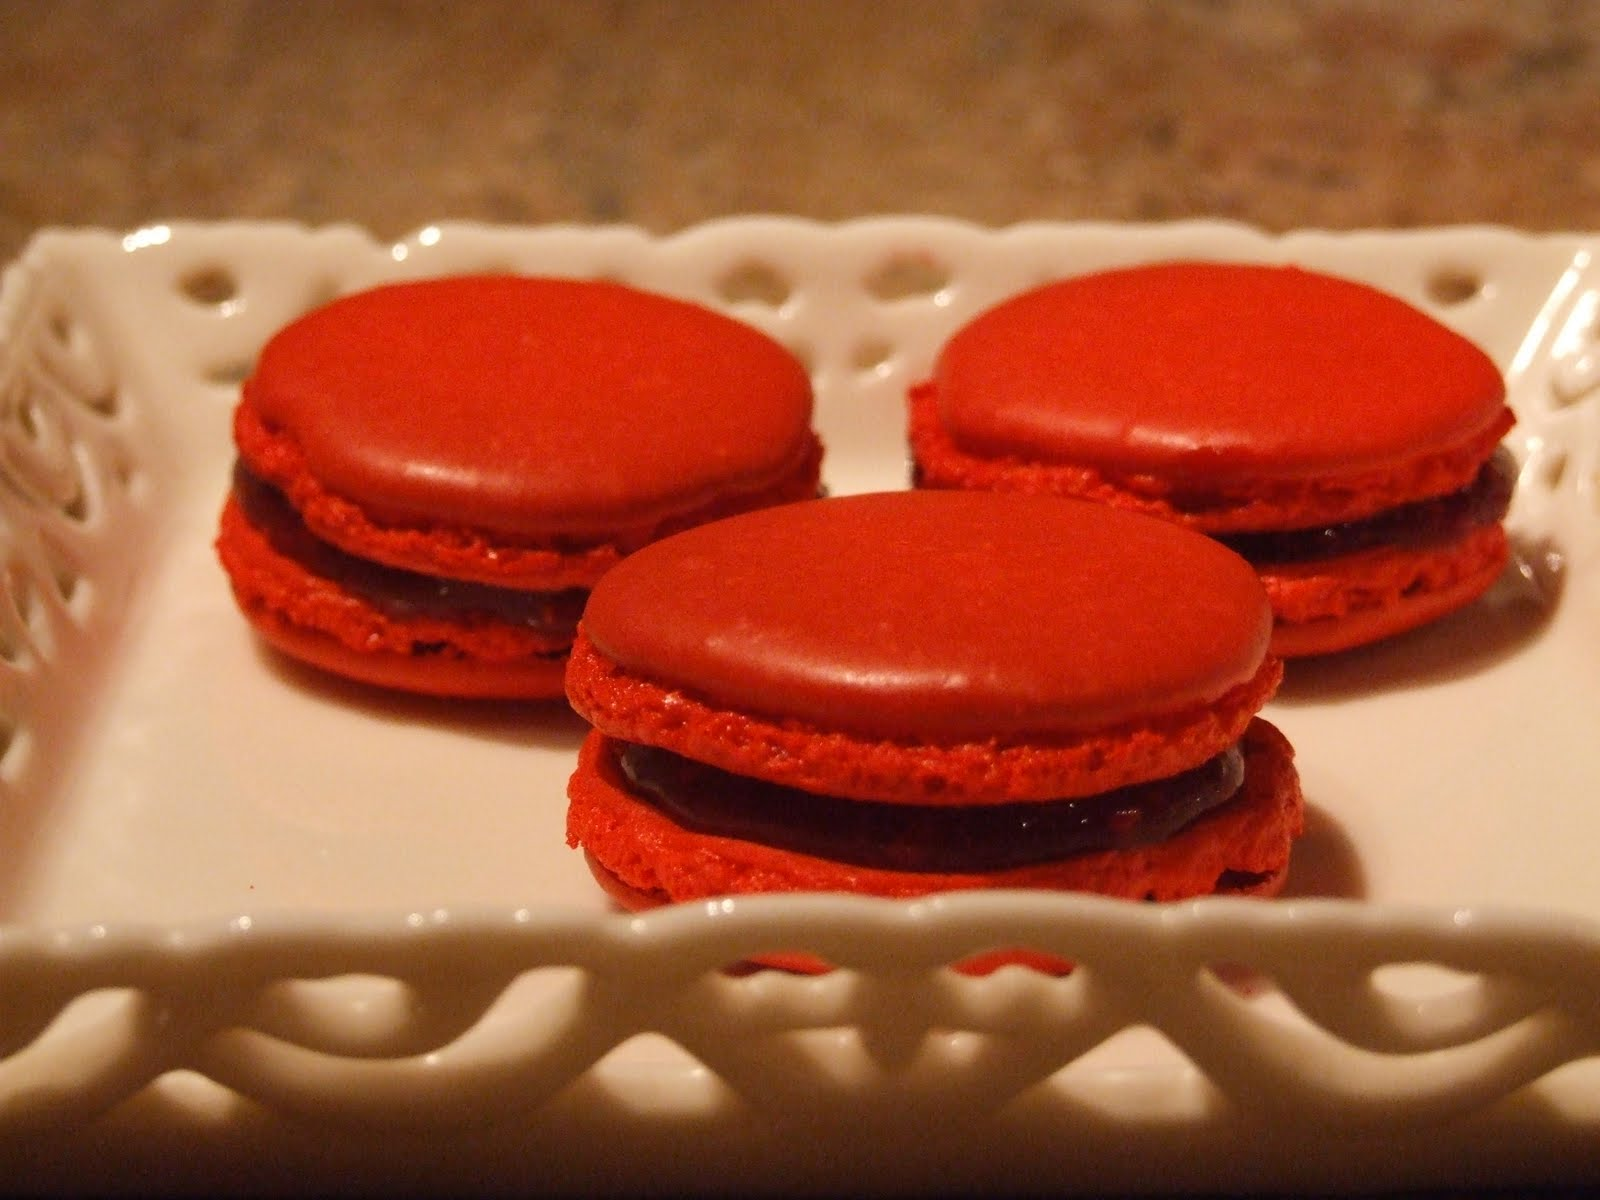 Cuisinez comme un chef macarons - France 2 cuisinez comme un chef ...